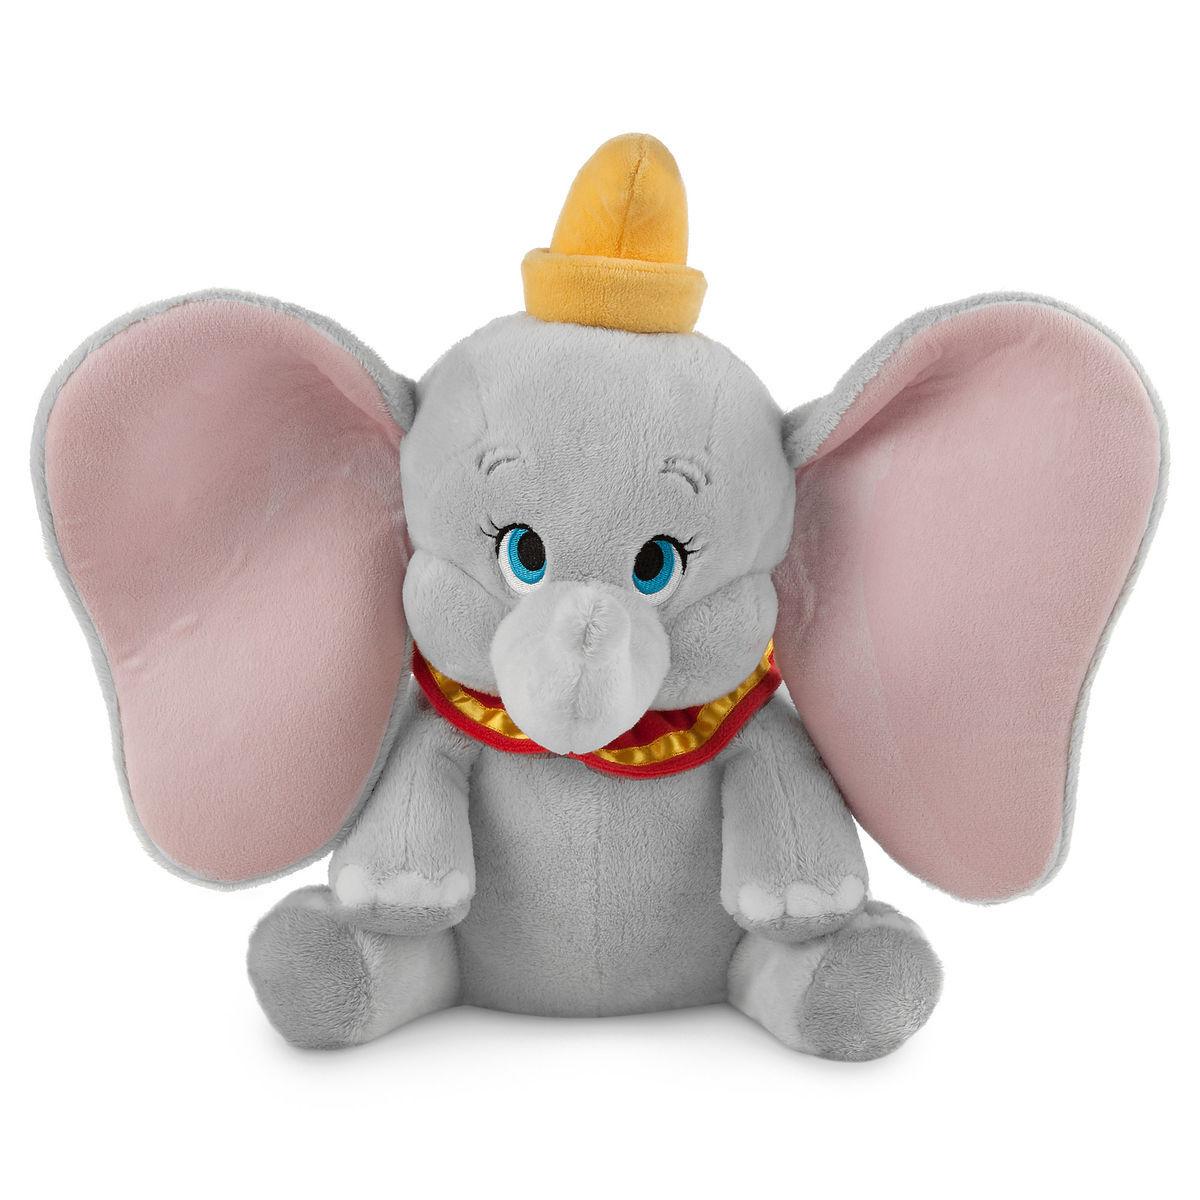 Dumbo Plush Medium 14 Shopdisney